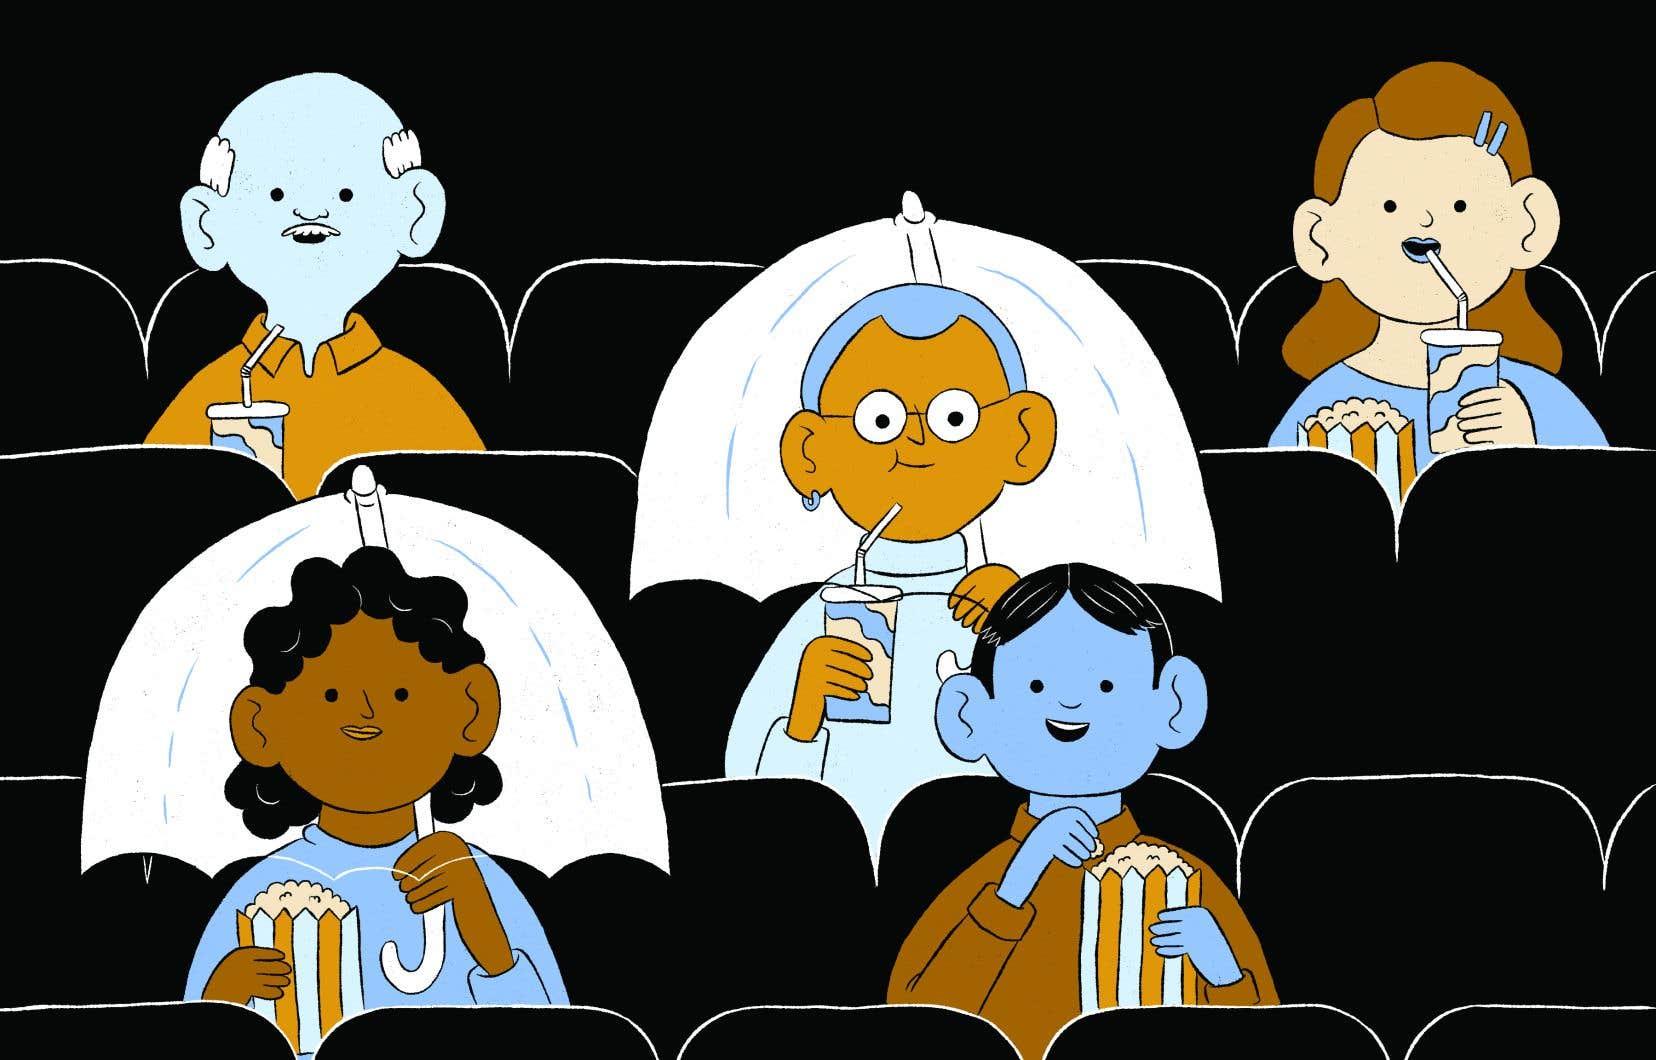 Alors que la culture se déconfine de plus en plus, les salles de spectacles demeurent peu remplies. Pourquoi les spectateurs boudent-ils les arts vivants ?